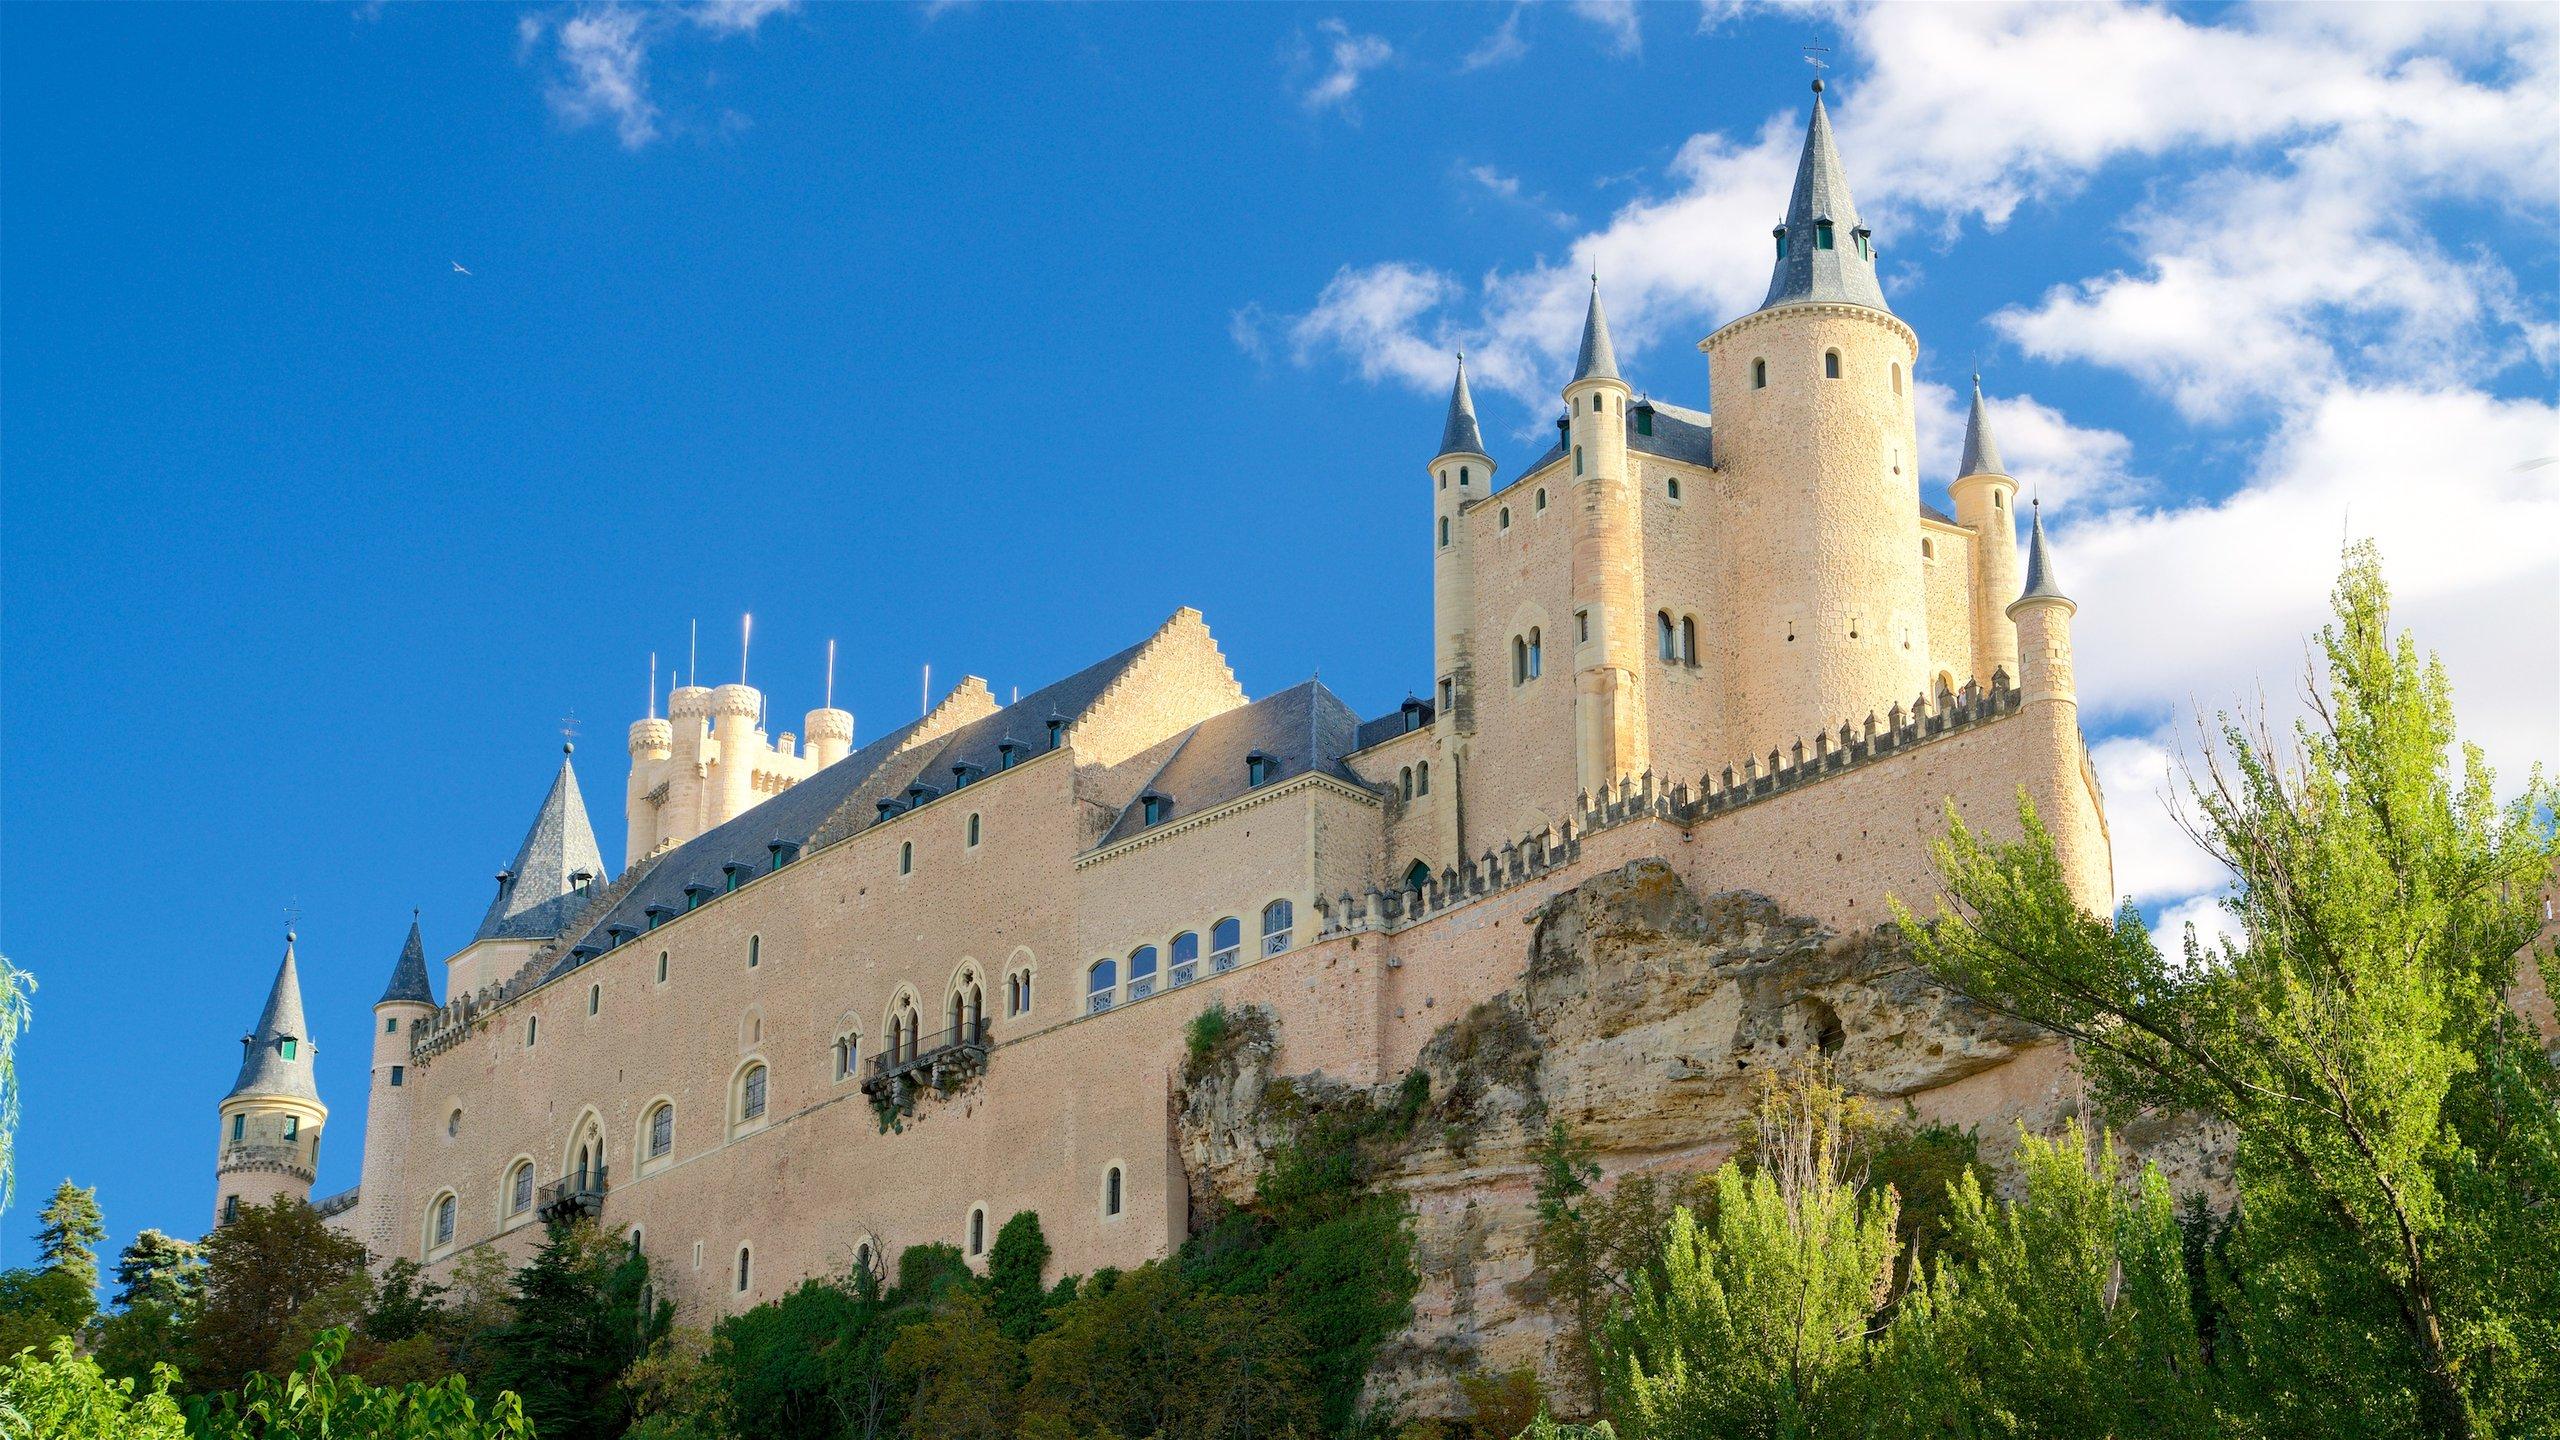 Scopri l'avvincente storia di Segovia con una visita a Alcazar of Segovia (castello). Durante il tuo soggiorno in questa zona perfetta per passeggiare, ritagliati un po' di tempo per la sua stupenda cattedrale.